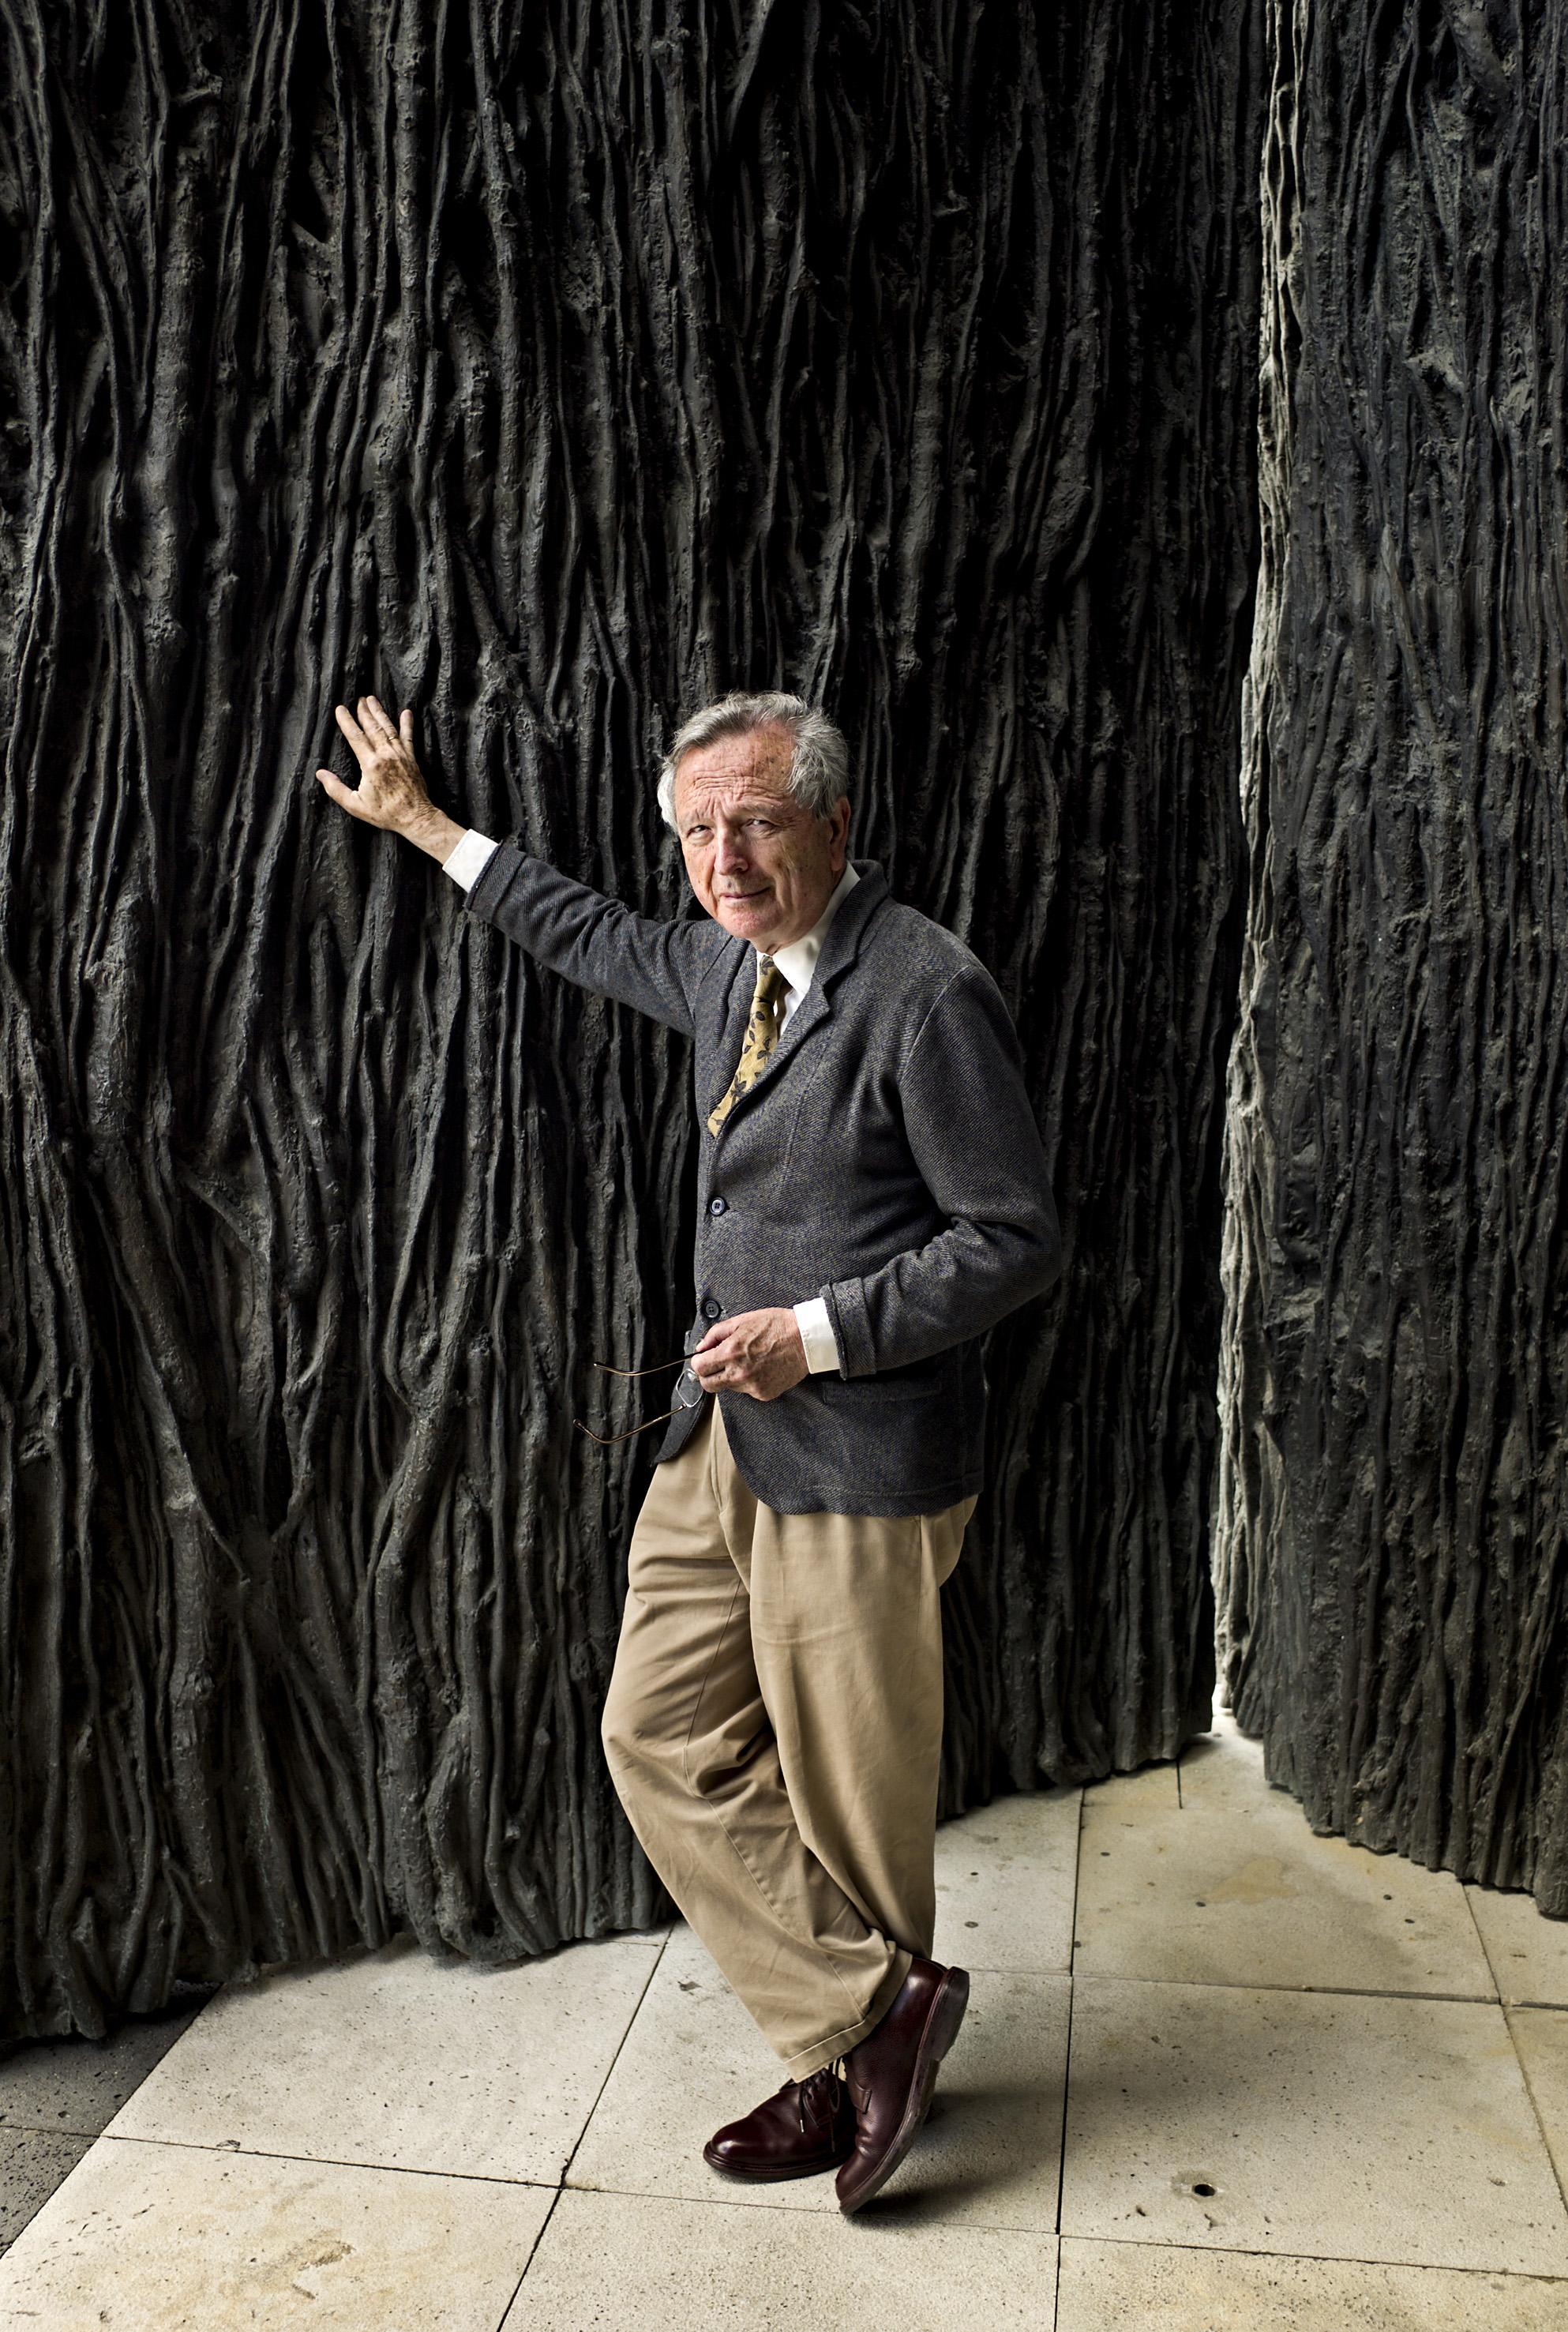 Rafael Moneo, spagnolo, classe 1937, Pritzker Prize nel 1996, che ha  costruito edifici peculiari e riconoscibili, all'insegna di questa  professione di fede limpida e precisa